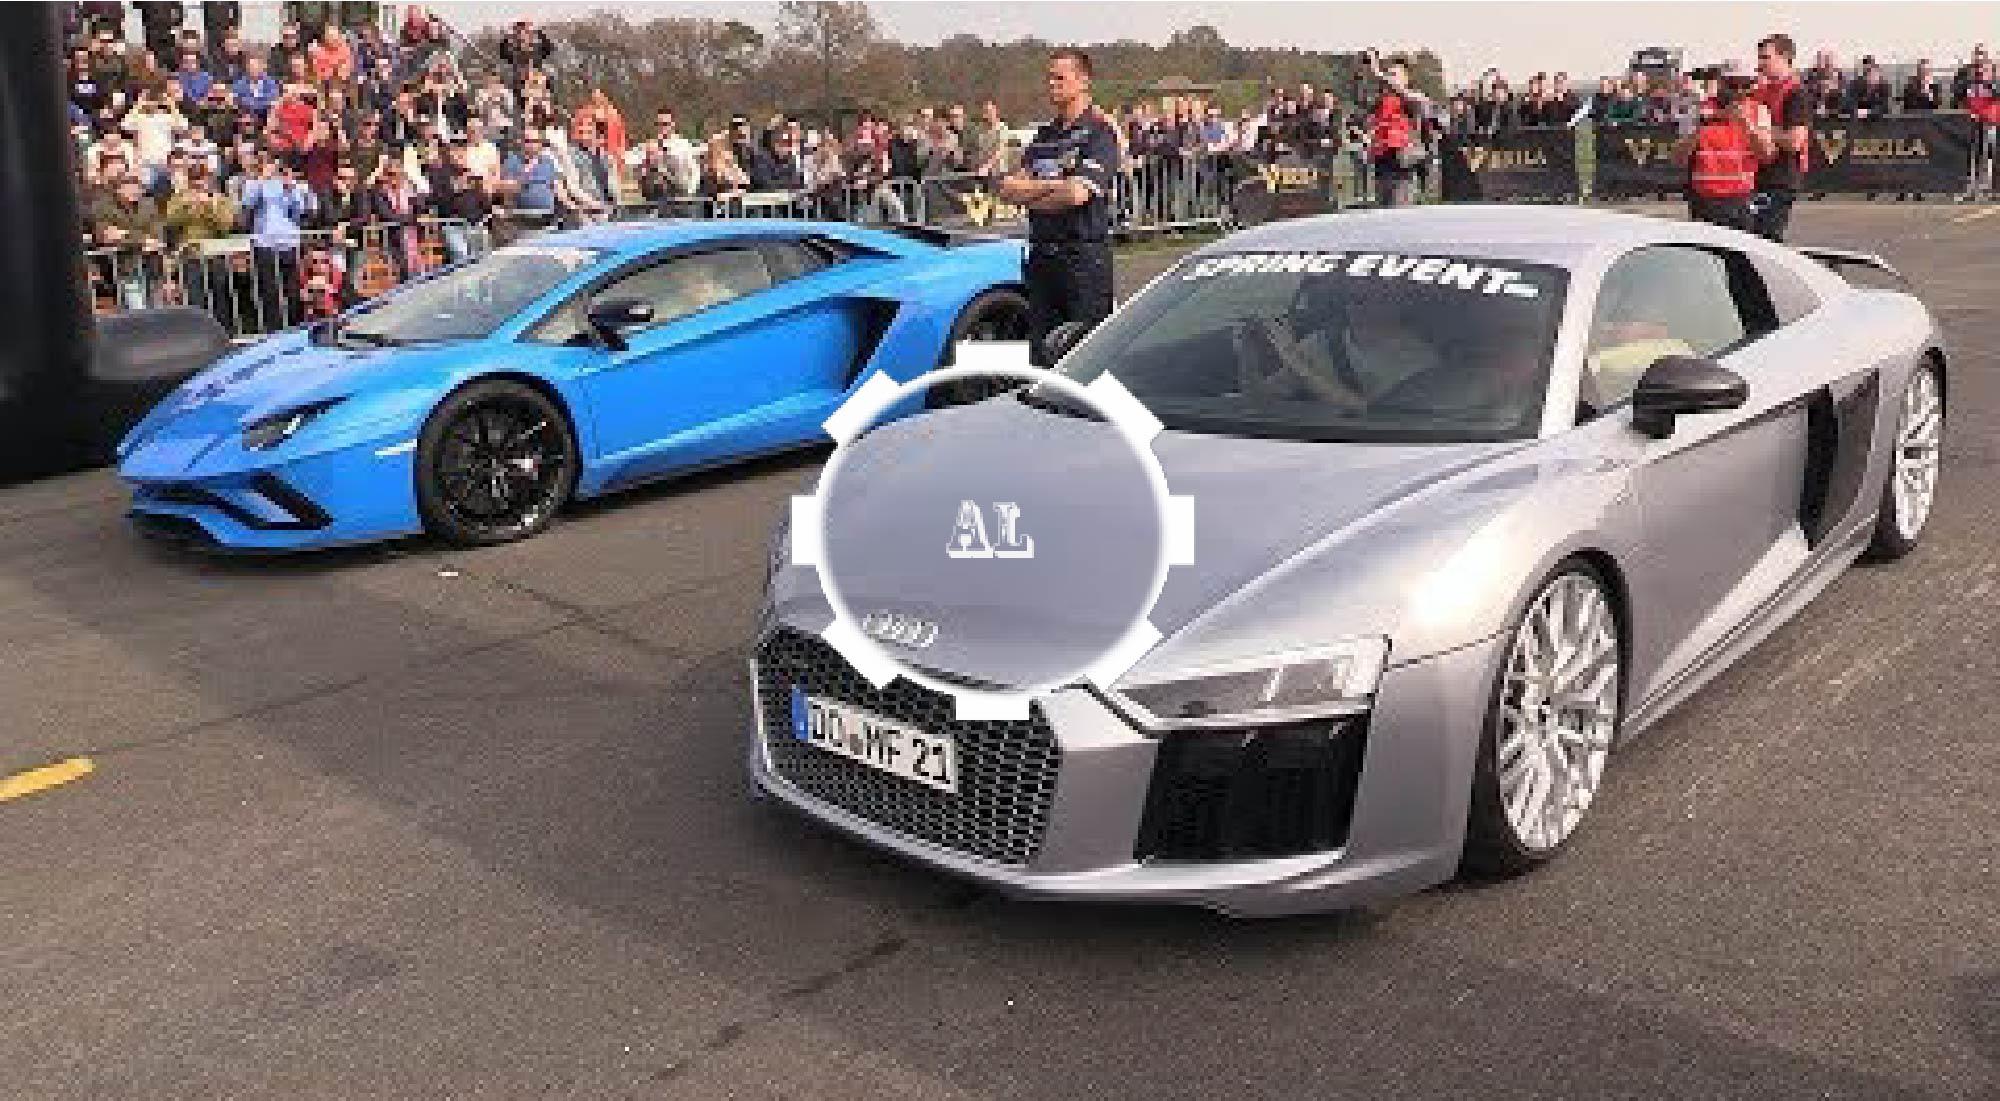 Audi R8 V10 Plus vs Lamborghini Aventador S Dragrace Audi Lovers